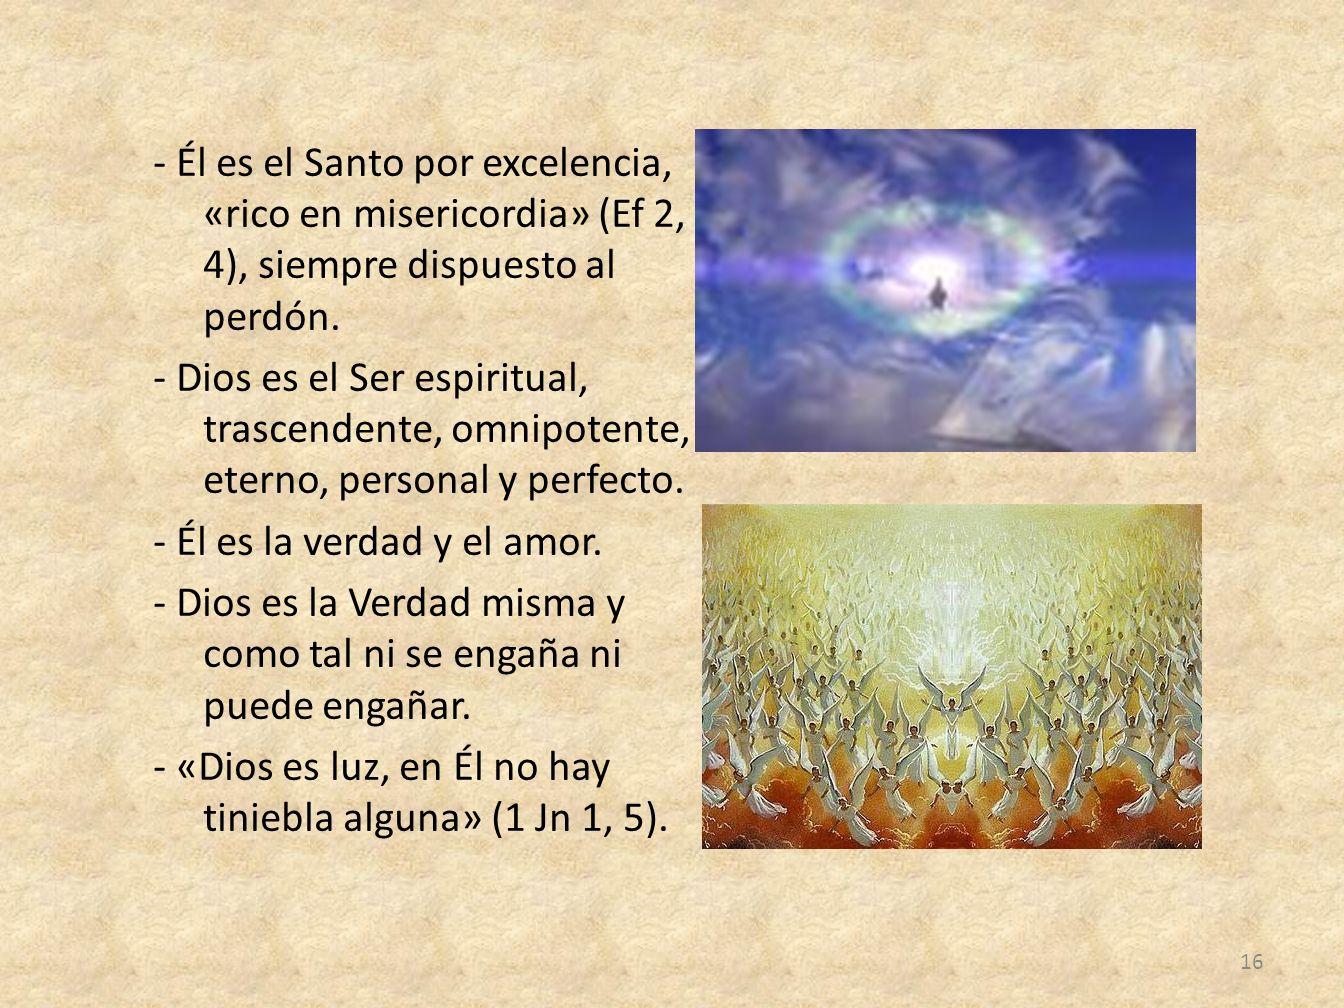 - Él es el Santo por excelencia, «rico en misericordia» (Ef 2, 4), siempre dispuesto al perdón.